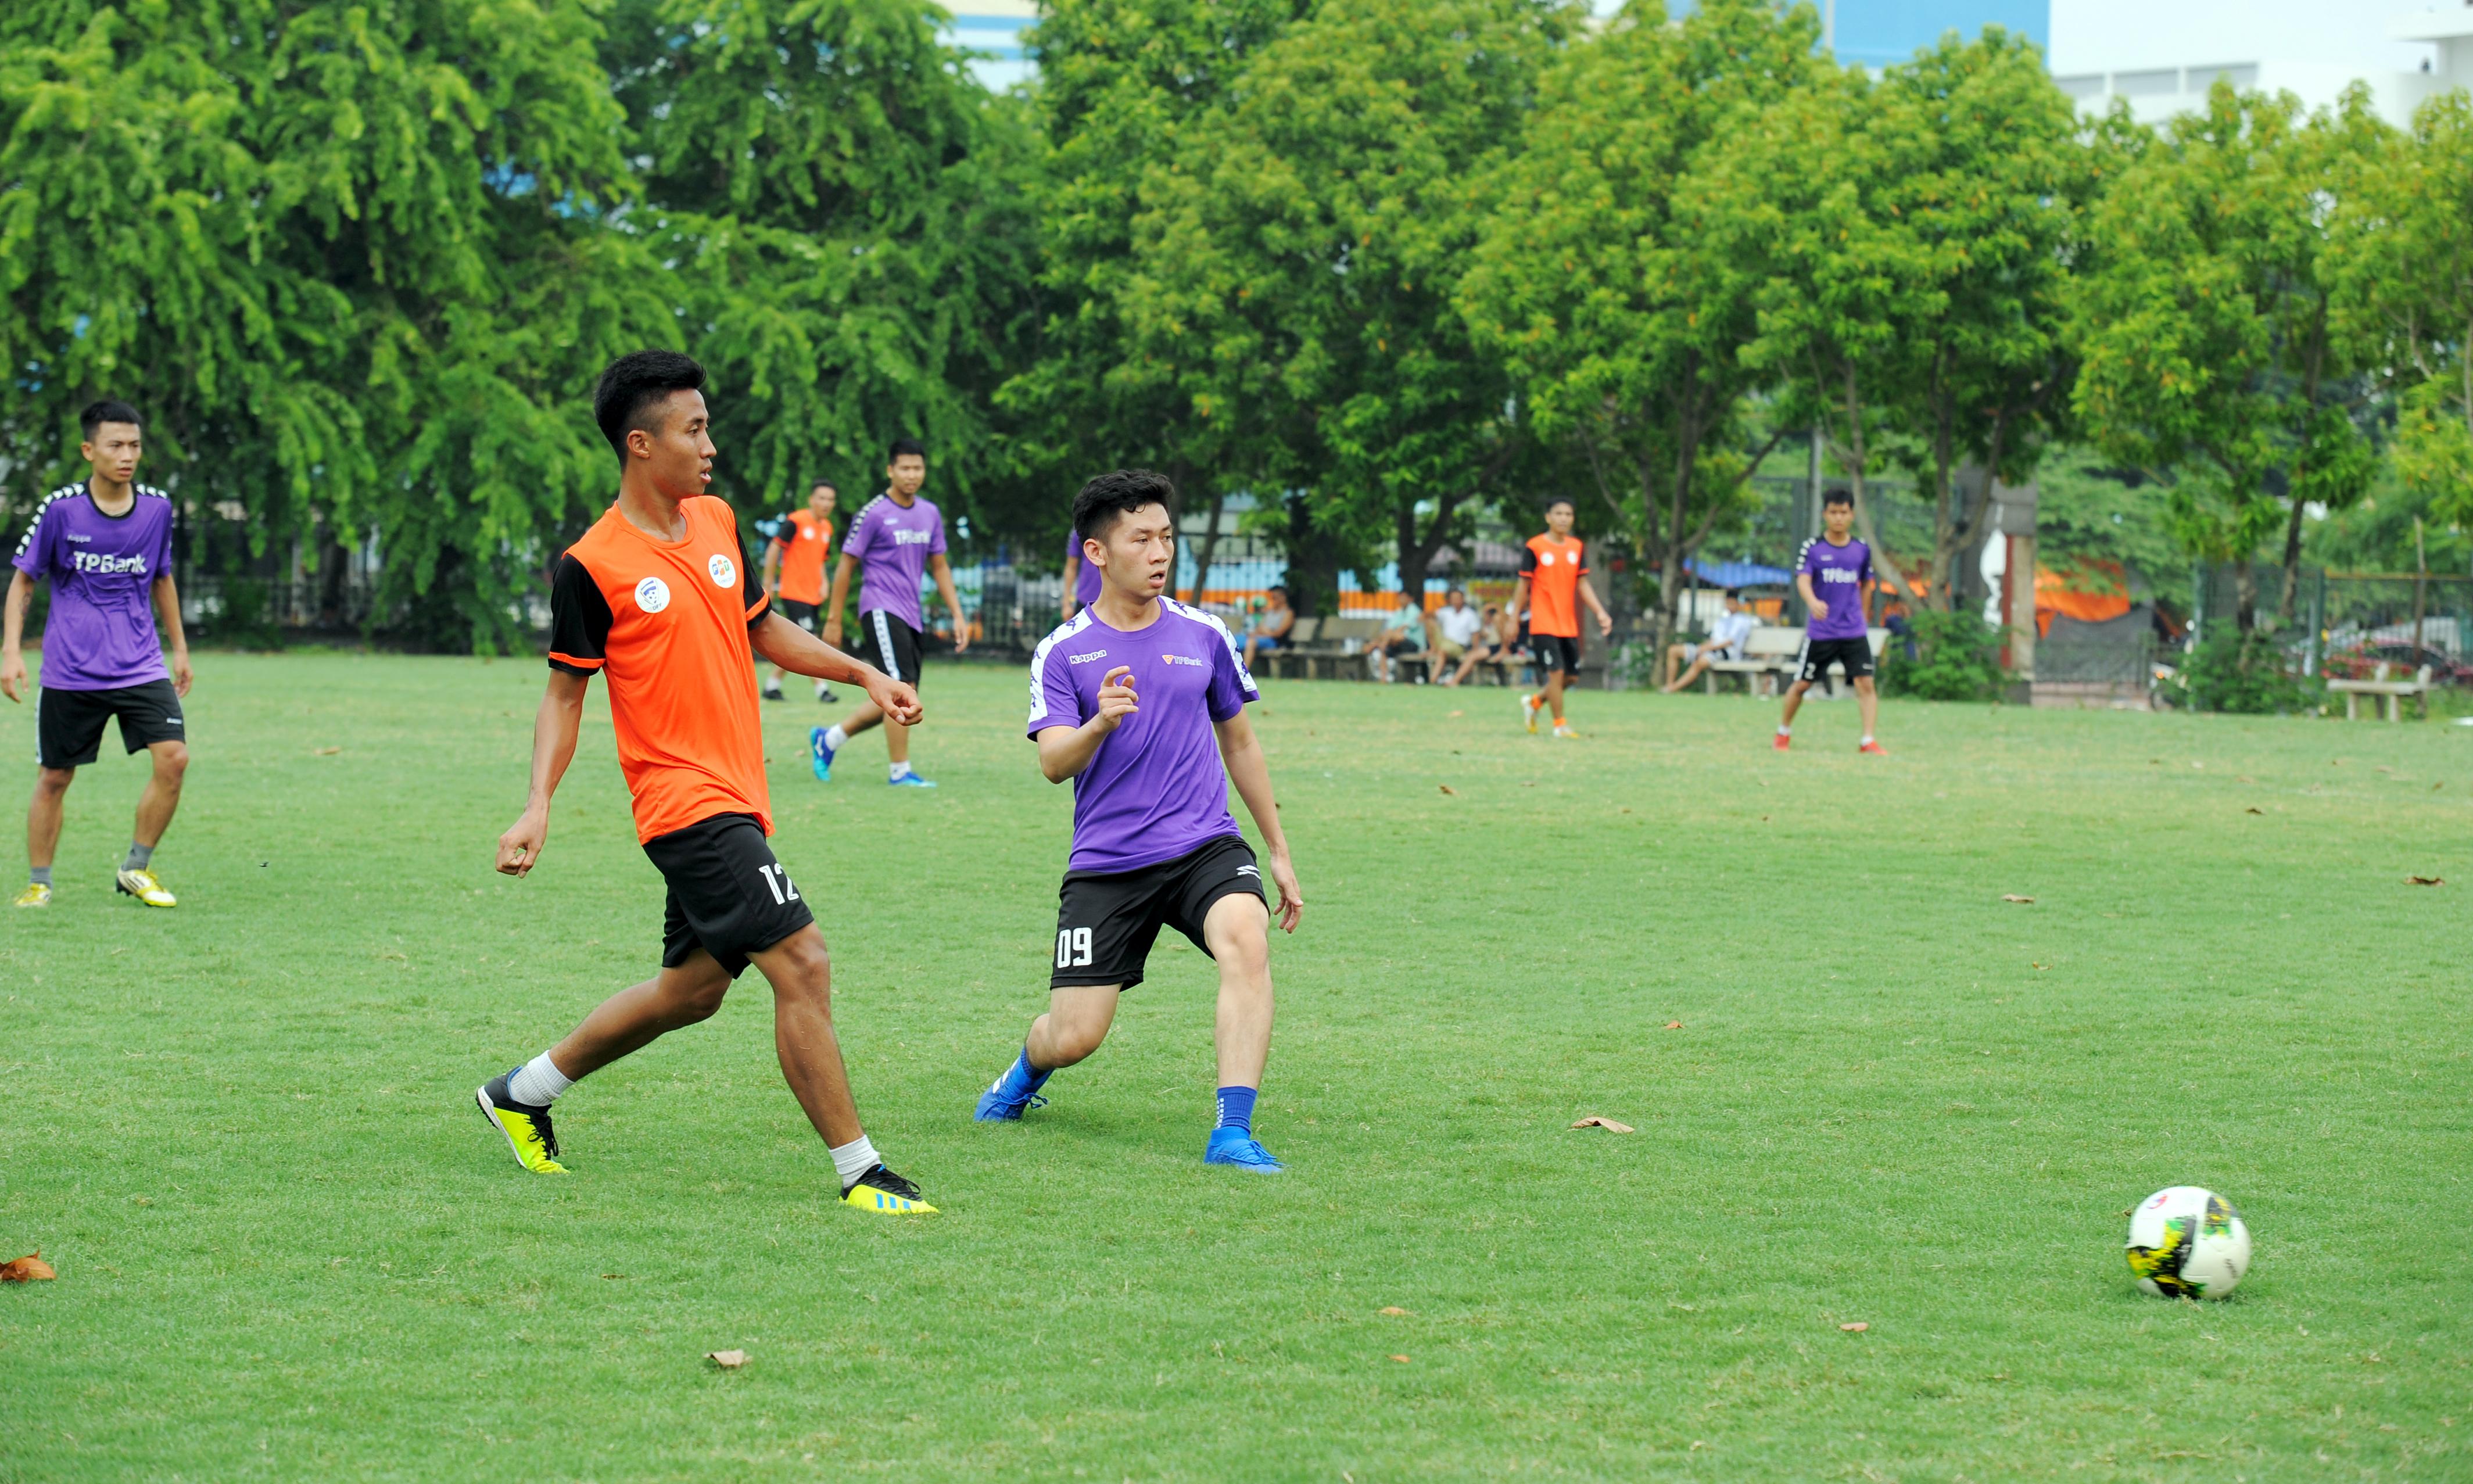 Sáng 18/8, tại sân tập Khu liên hợp Thể thao Quốc gia Mỹ Đình, Hà Nội, vòng 2 giải bóng đá FPT Cup diễn ra giữa 2 cặp đấu: FPT Telecom và TP Bank, FPT IS gặp FPT Education. Trận đầu tiên là màn tranh tài bất phân thắng bại giữa FPT Telecom và TP Bank.